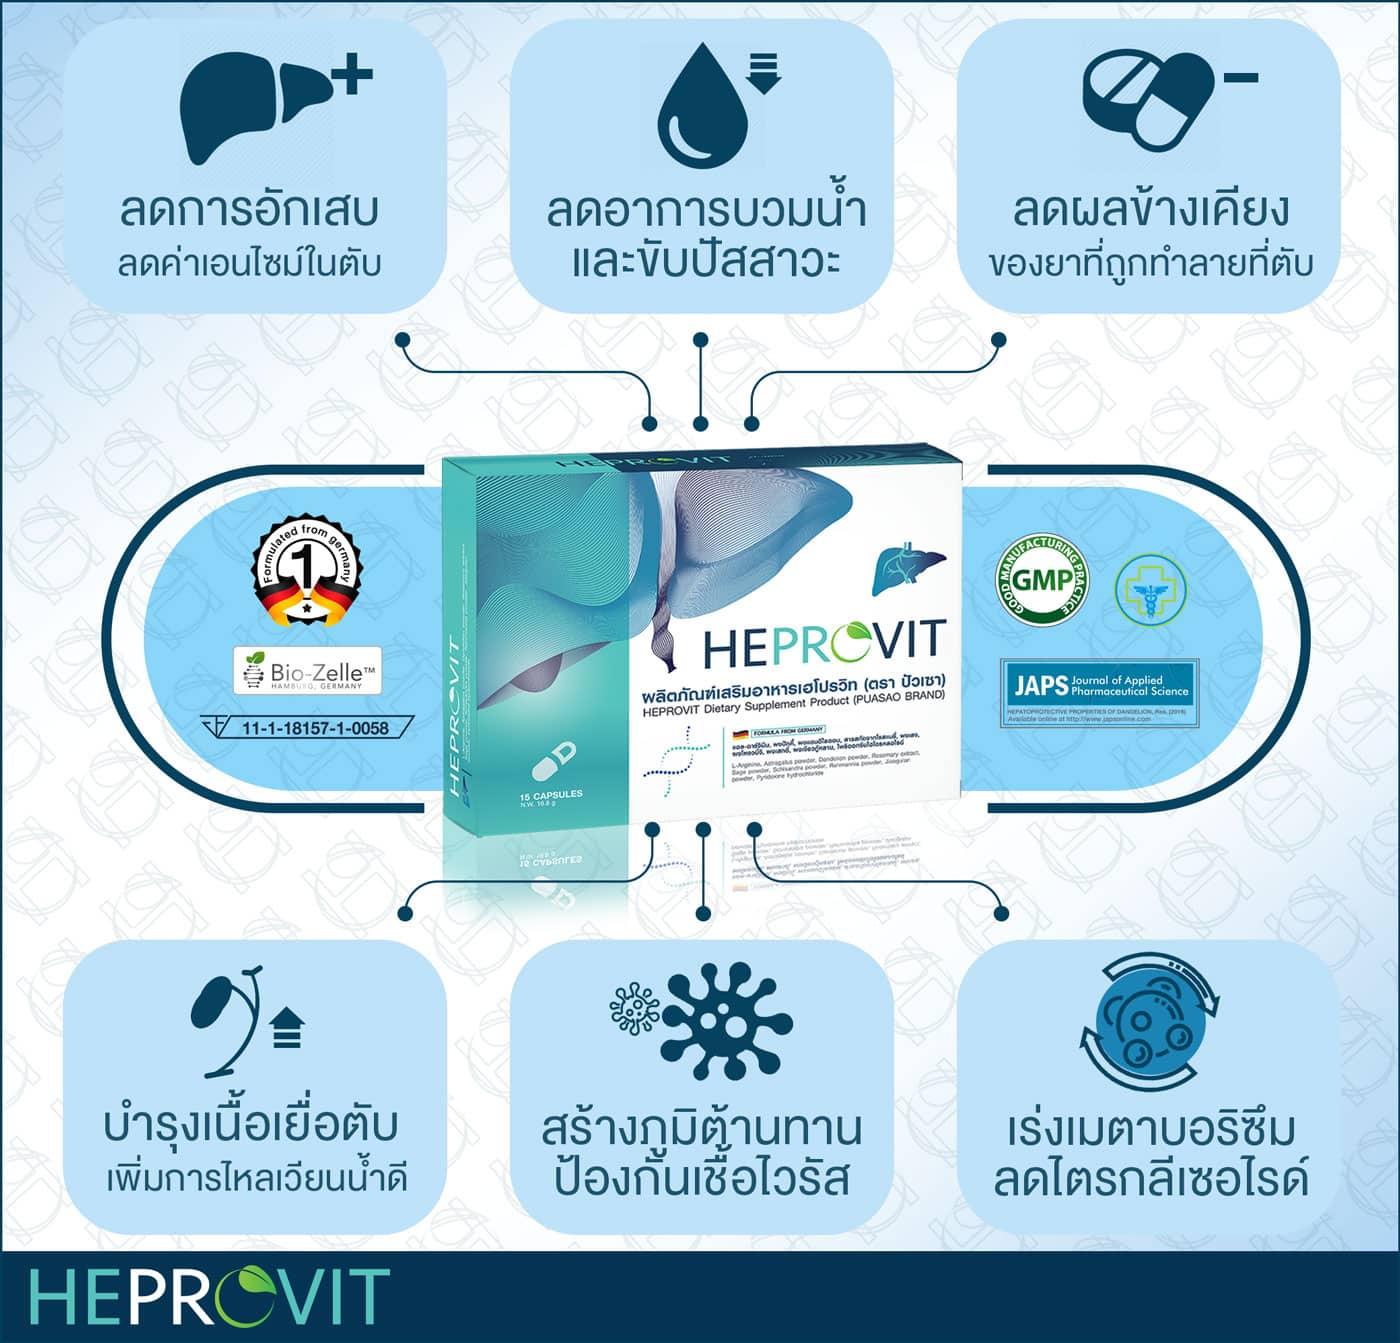 HEPROVIT เฮโปรวิท ฟื้นฟูตับ บำรุงตับ รักษาตับ ดีท็อกซ์ตับ ล้างสารพิษตับ ไขมันพอกตับ ตับอักเสบ ตับแข็ง ไวรัสตับอักเสบเอ ไวรัสตับอักเสบบี ไวรัสตับอักเสบซี มะเร็งตับ ตาเหลืองตัวเหลือง เจ็บชายโครงด้านขวา ง่วงกลางวัน ตื่นกลางคืน ดื่มแล้วเป็นผื่นแดง คันตามตัวไม่มีสาเหตุ มือเท้าบวม ท้องมาน ปวดตามข้อ ท้องอืด แน่น หายใจไม่สะดวก ดื่มเหล้า สุรา อ้วน ไขมัน